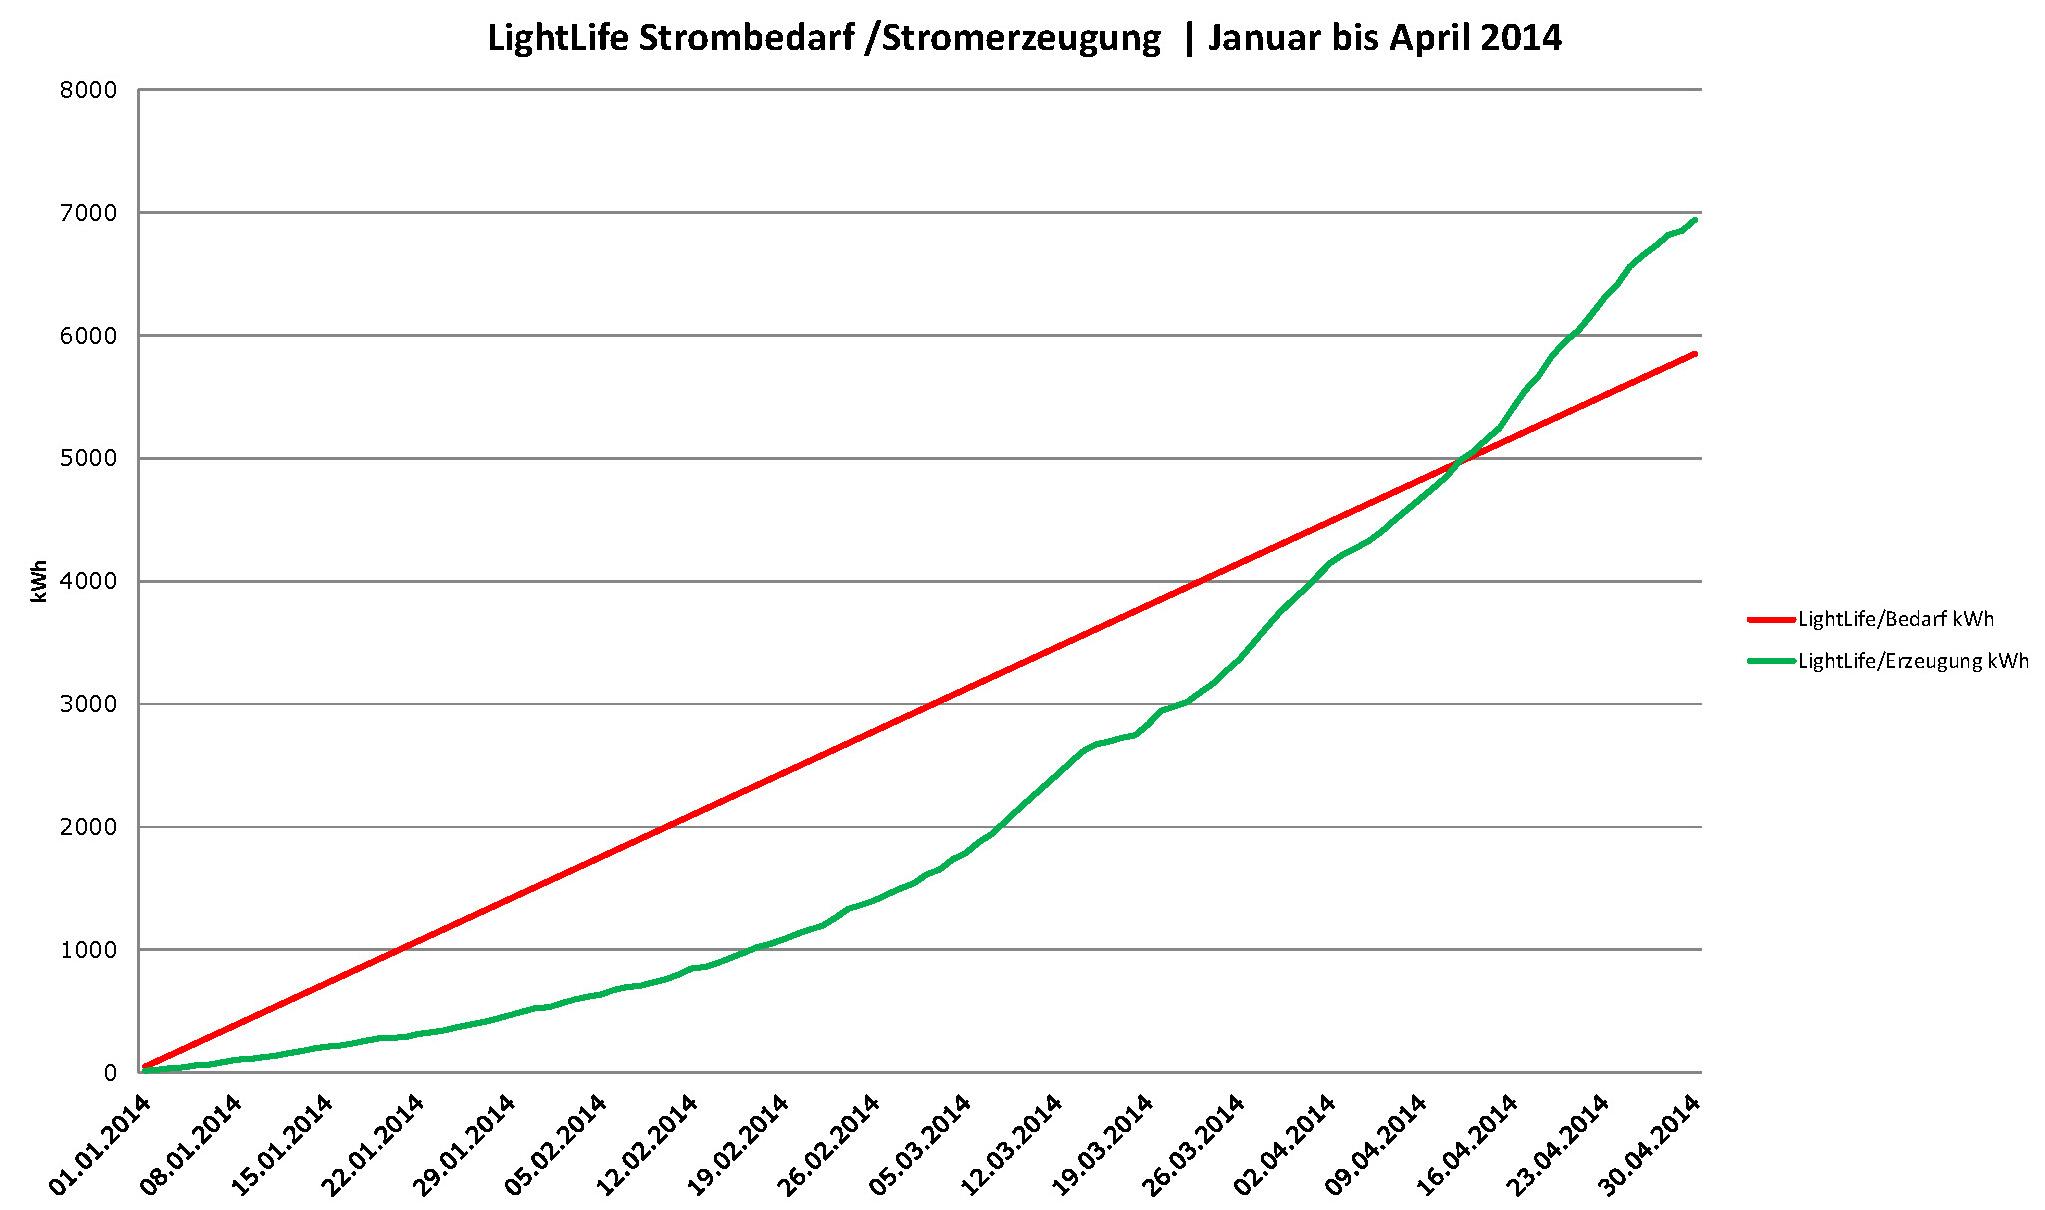 Betriebliche_Solarstromerzeugung_LightLife_Erzeugung_Bedarf